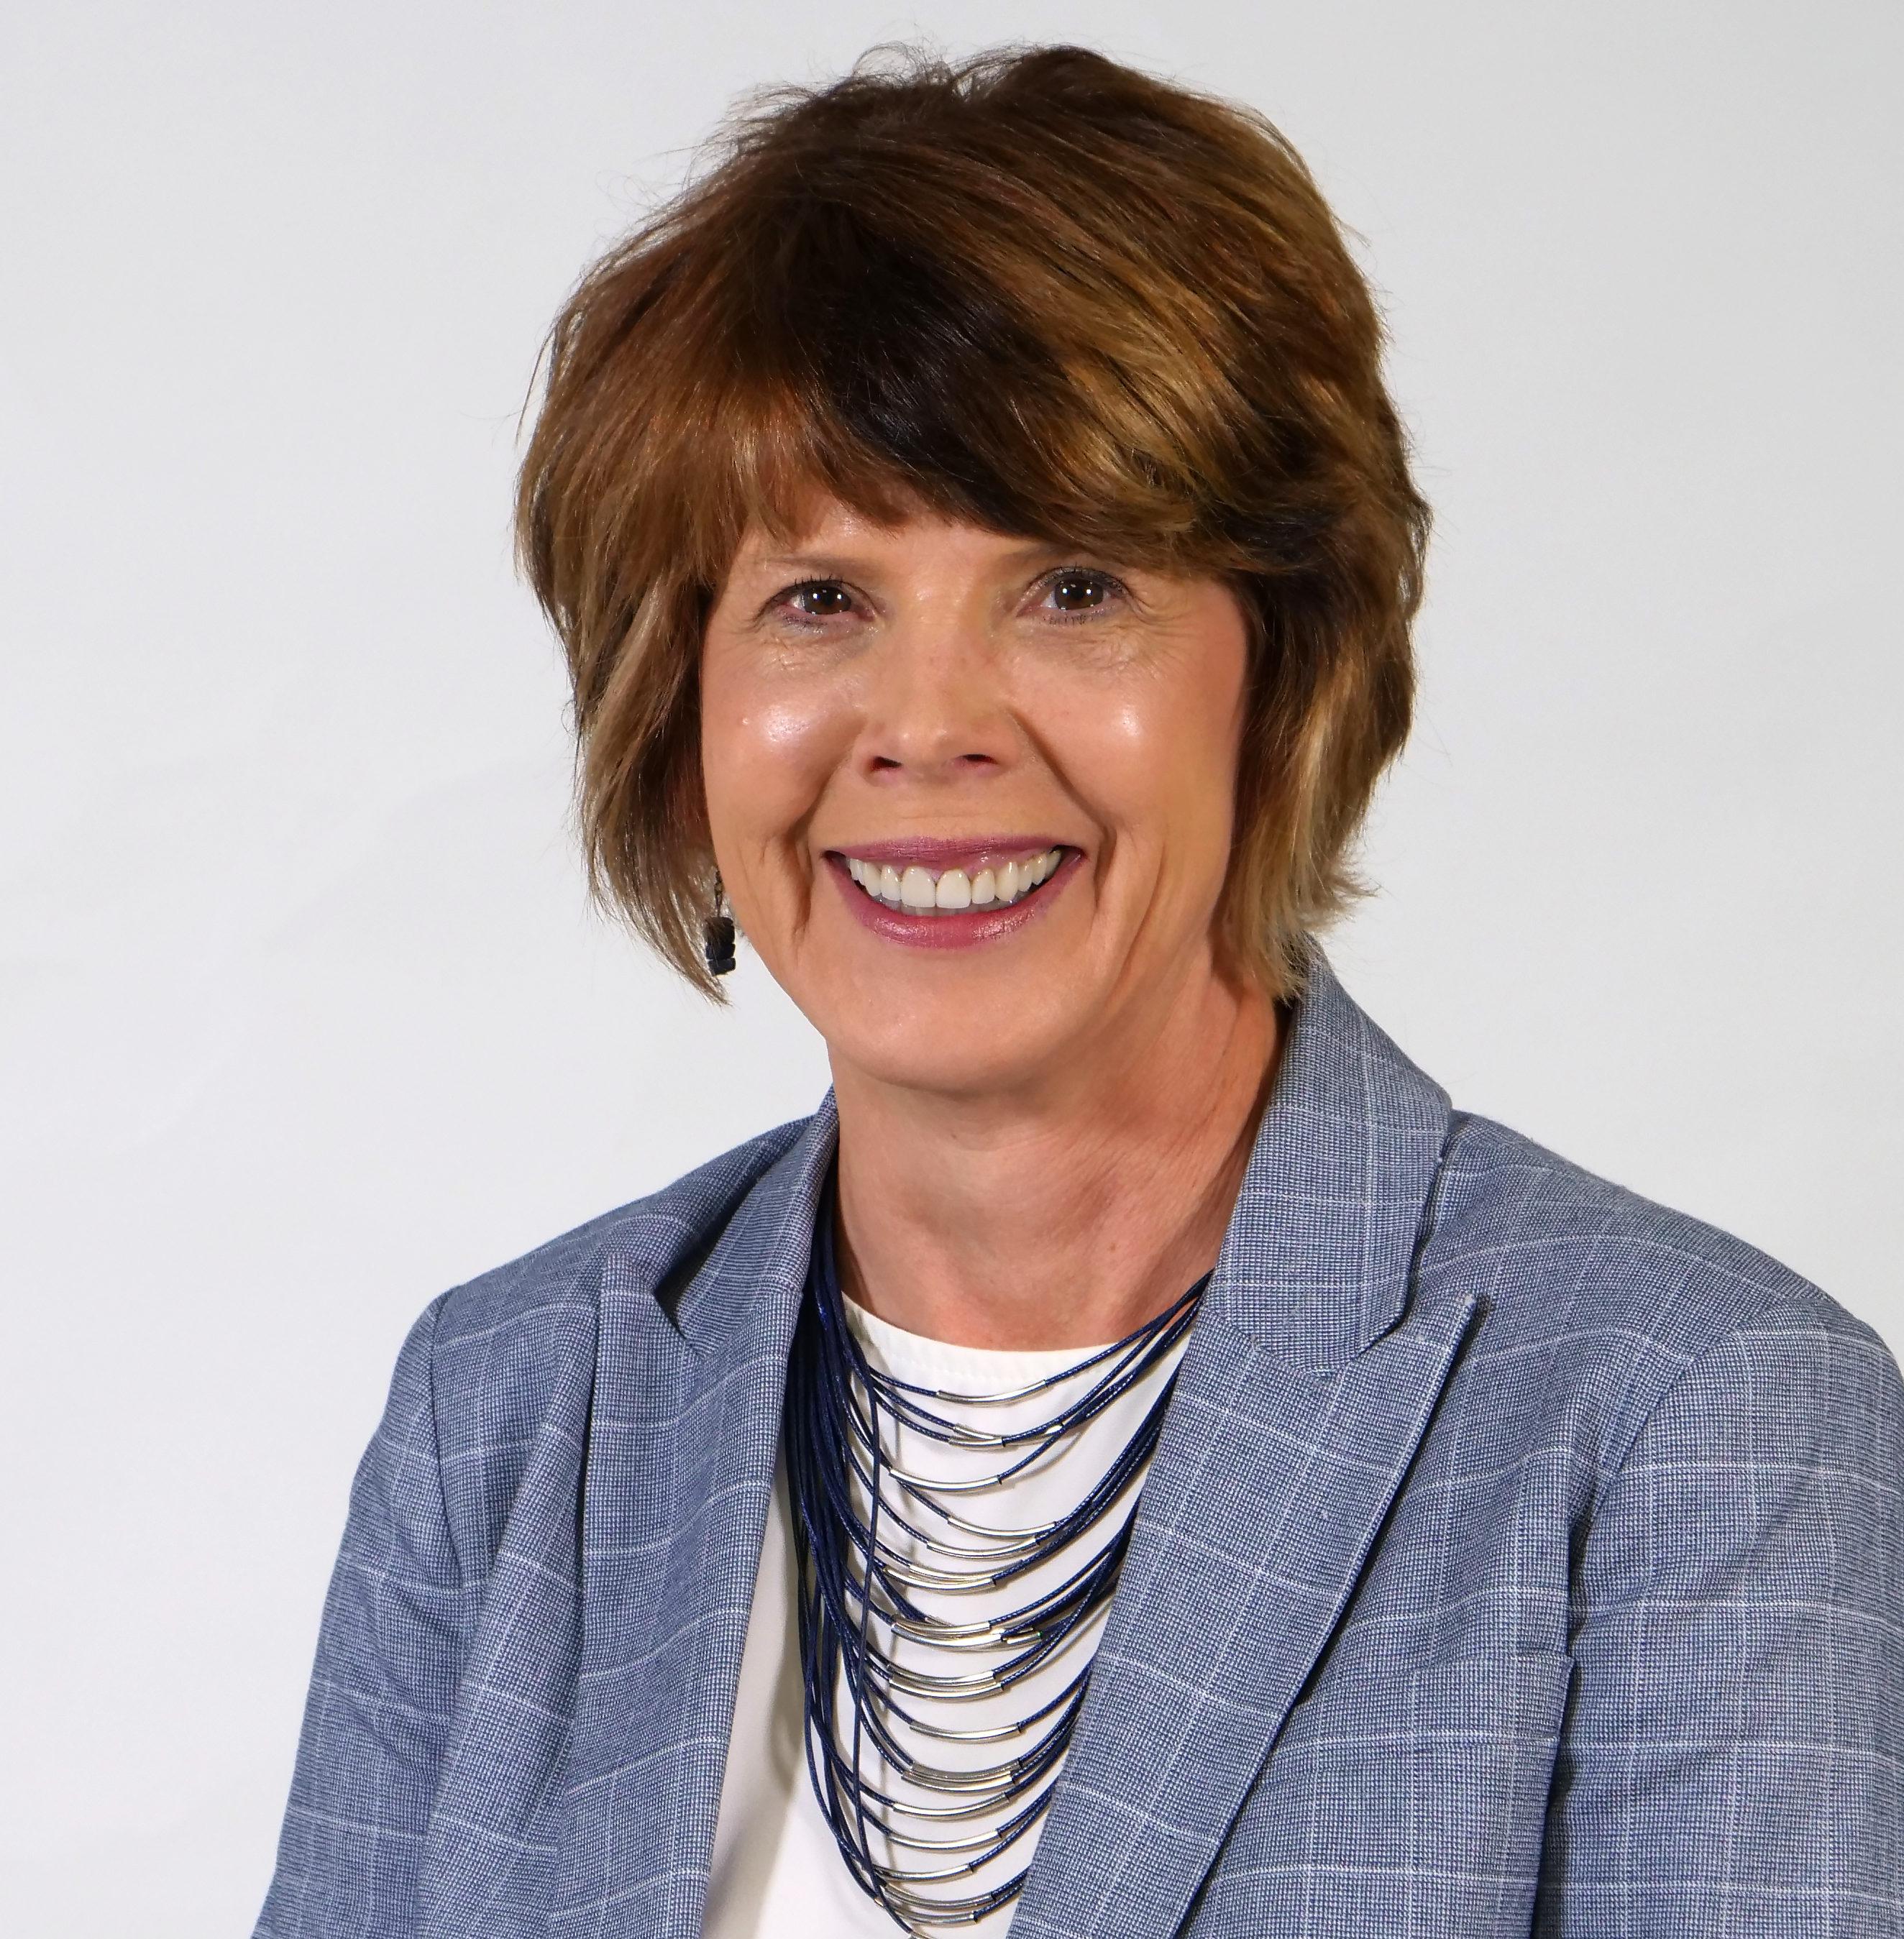 Elaine Finseth